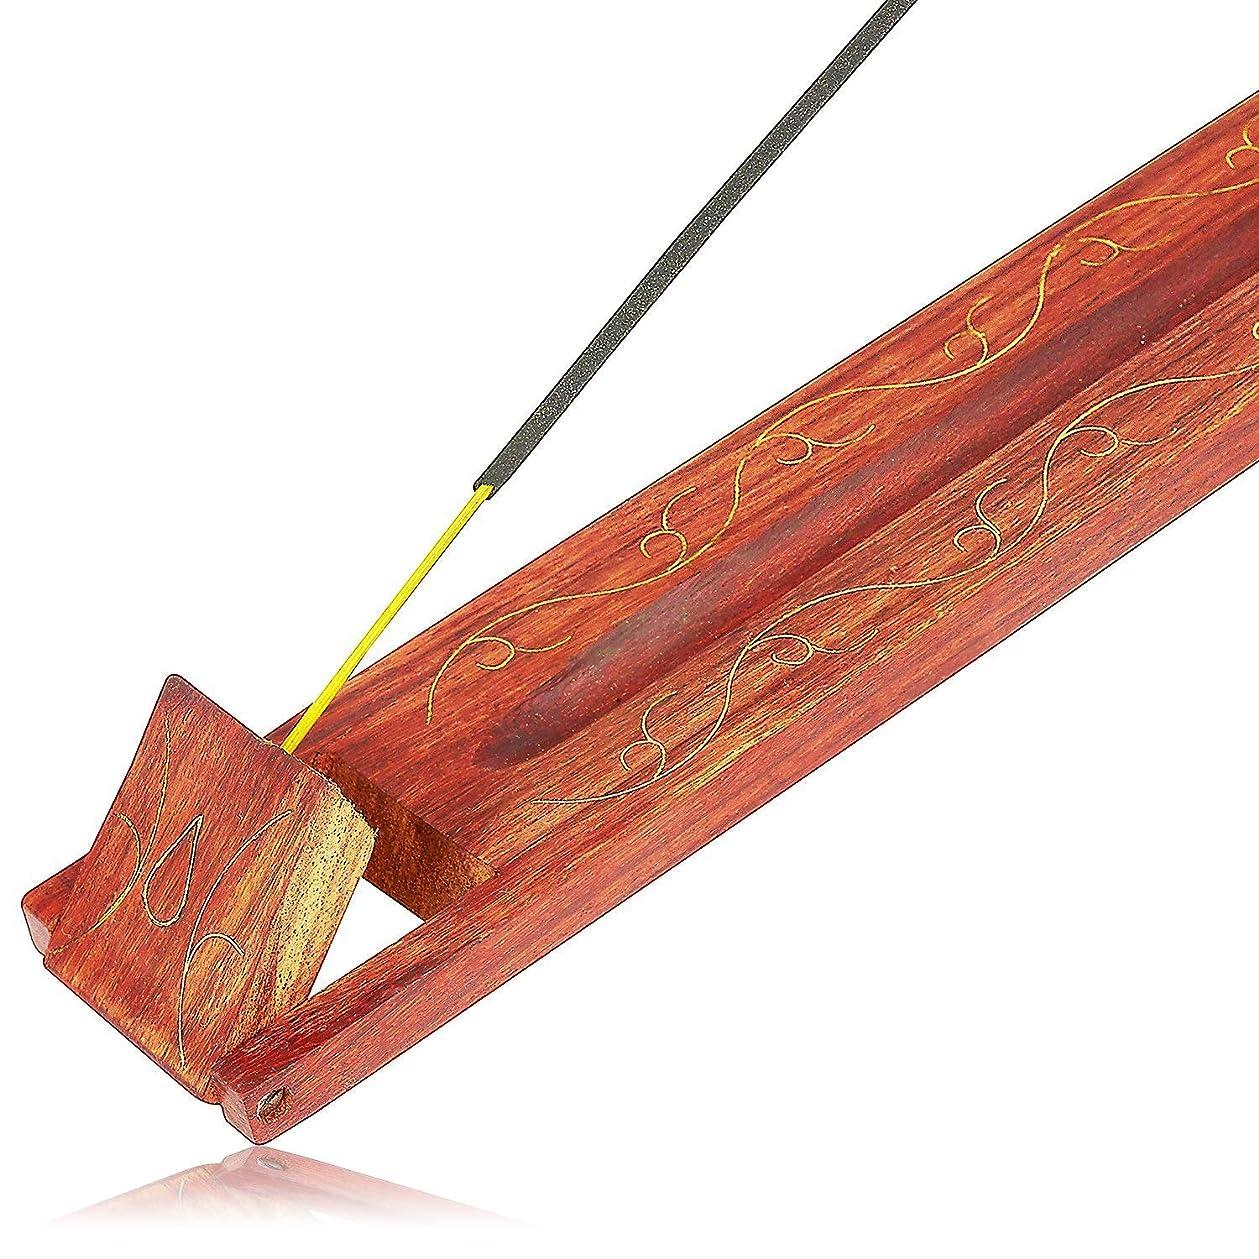 安定した良心疑問に思う母の日ギフト木製お香スティックバーナーホルダーリーフオーガニックEco Friendly AshキャッチャートレイAgarbattiホルダー素朴なスタイル手彫りの瞑想ヨガアロマテラピーHome Fragrance製品